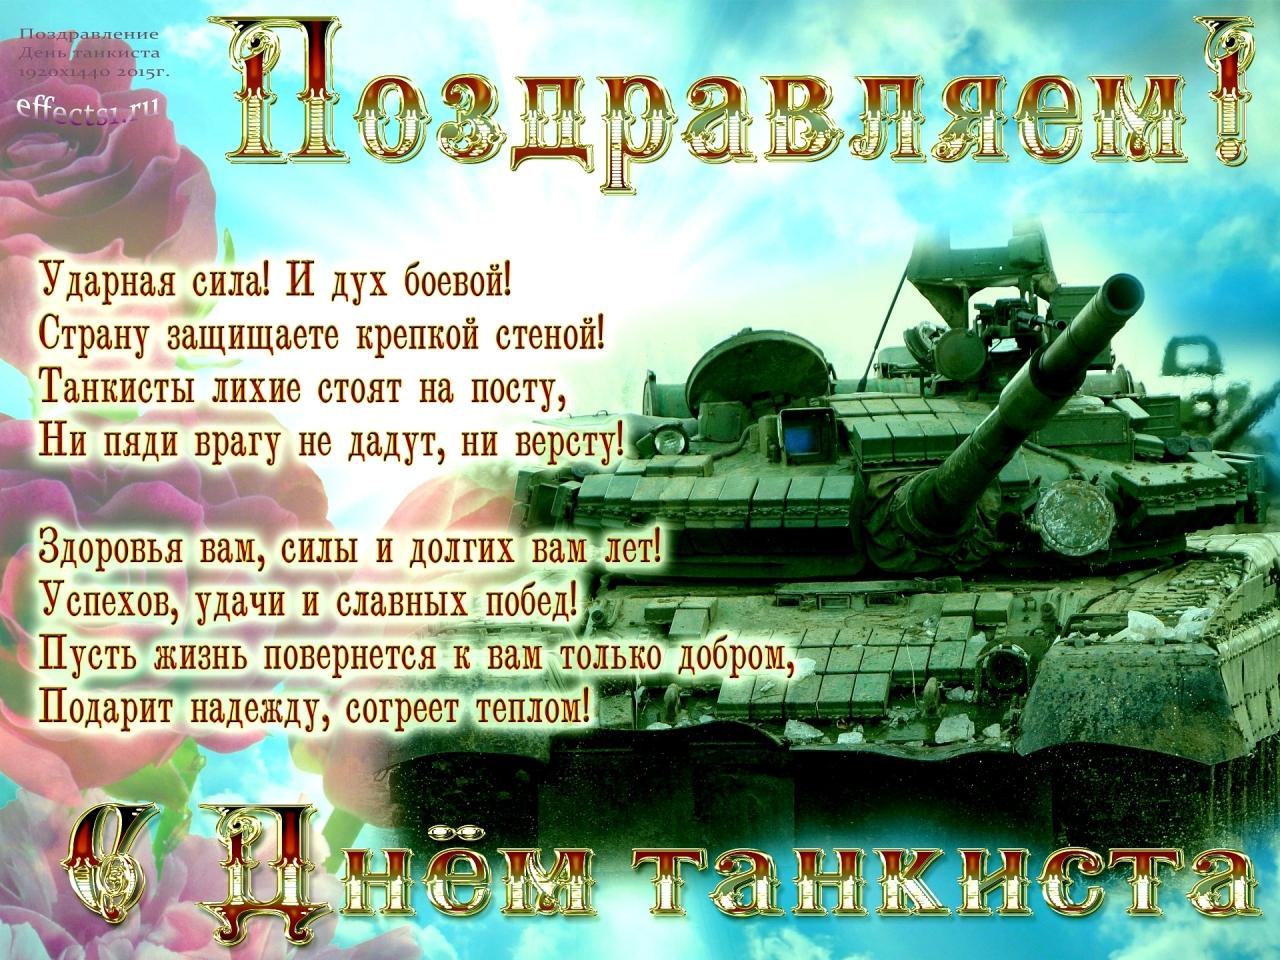 Юморные картинки с днем танкиста